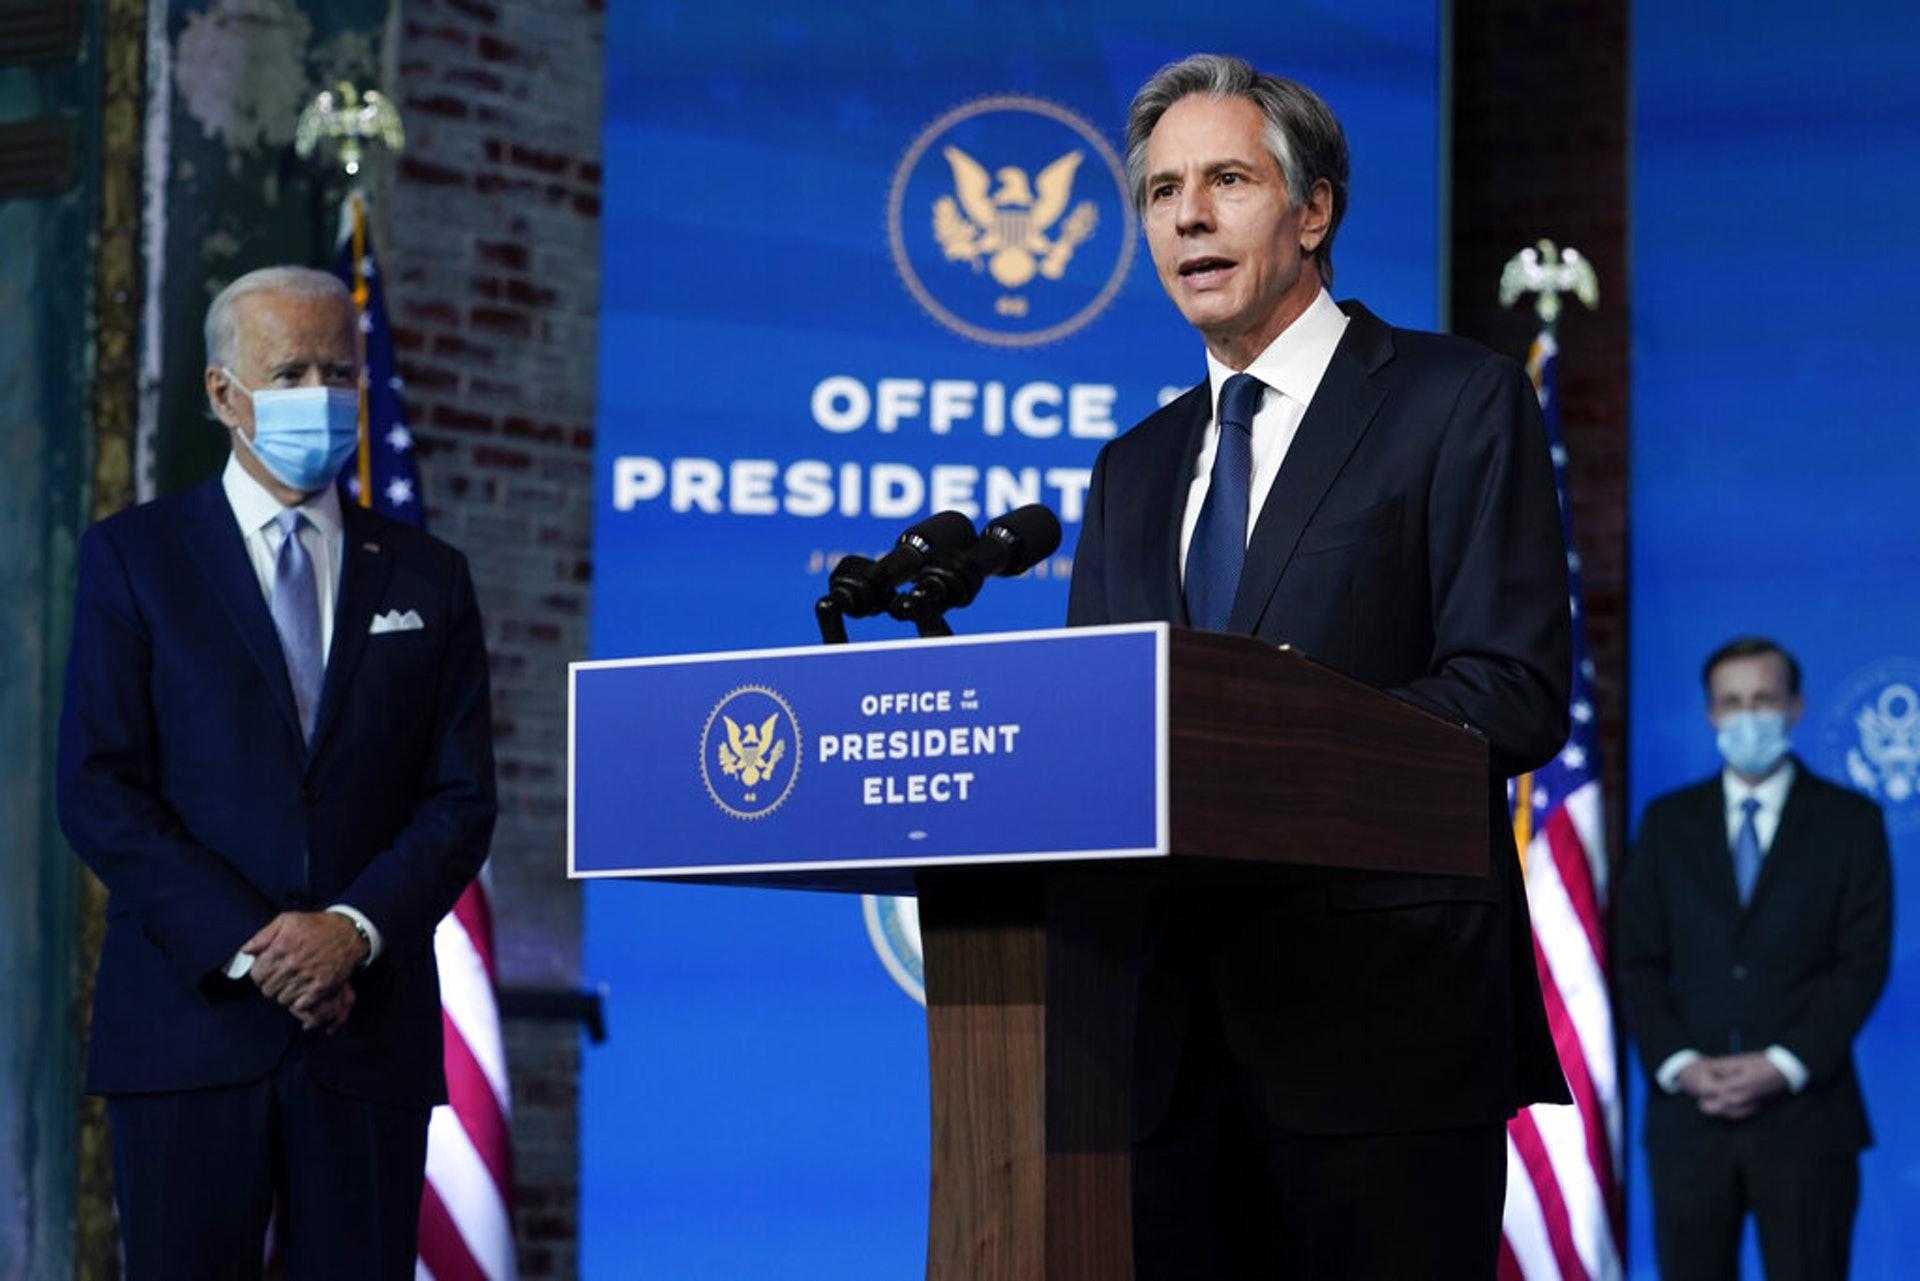 拜登日前公開第一批內閣名單,包括國務卿布林肯(Antony Blinken,右)等。(美聯社)